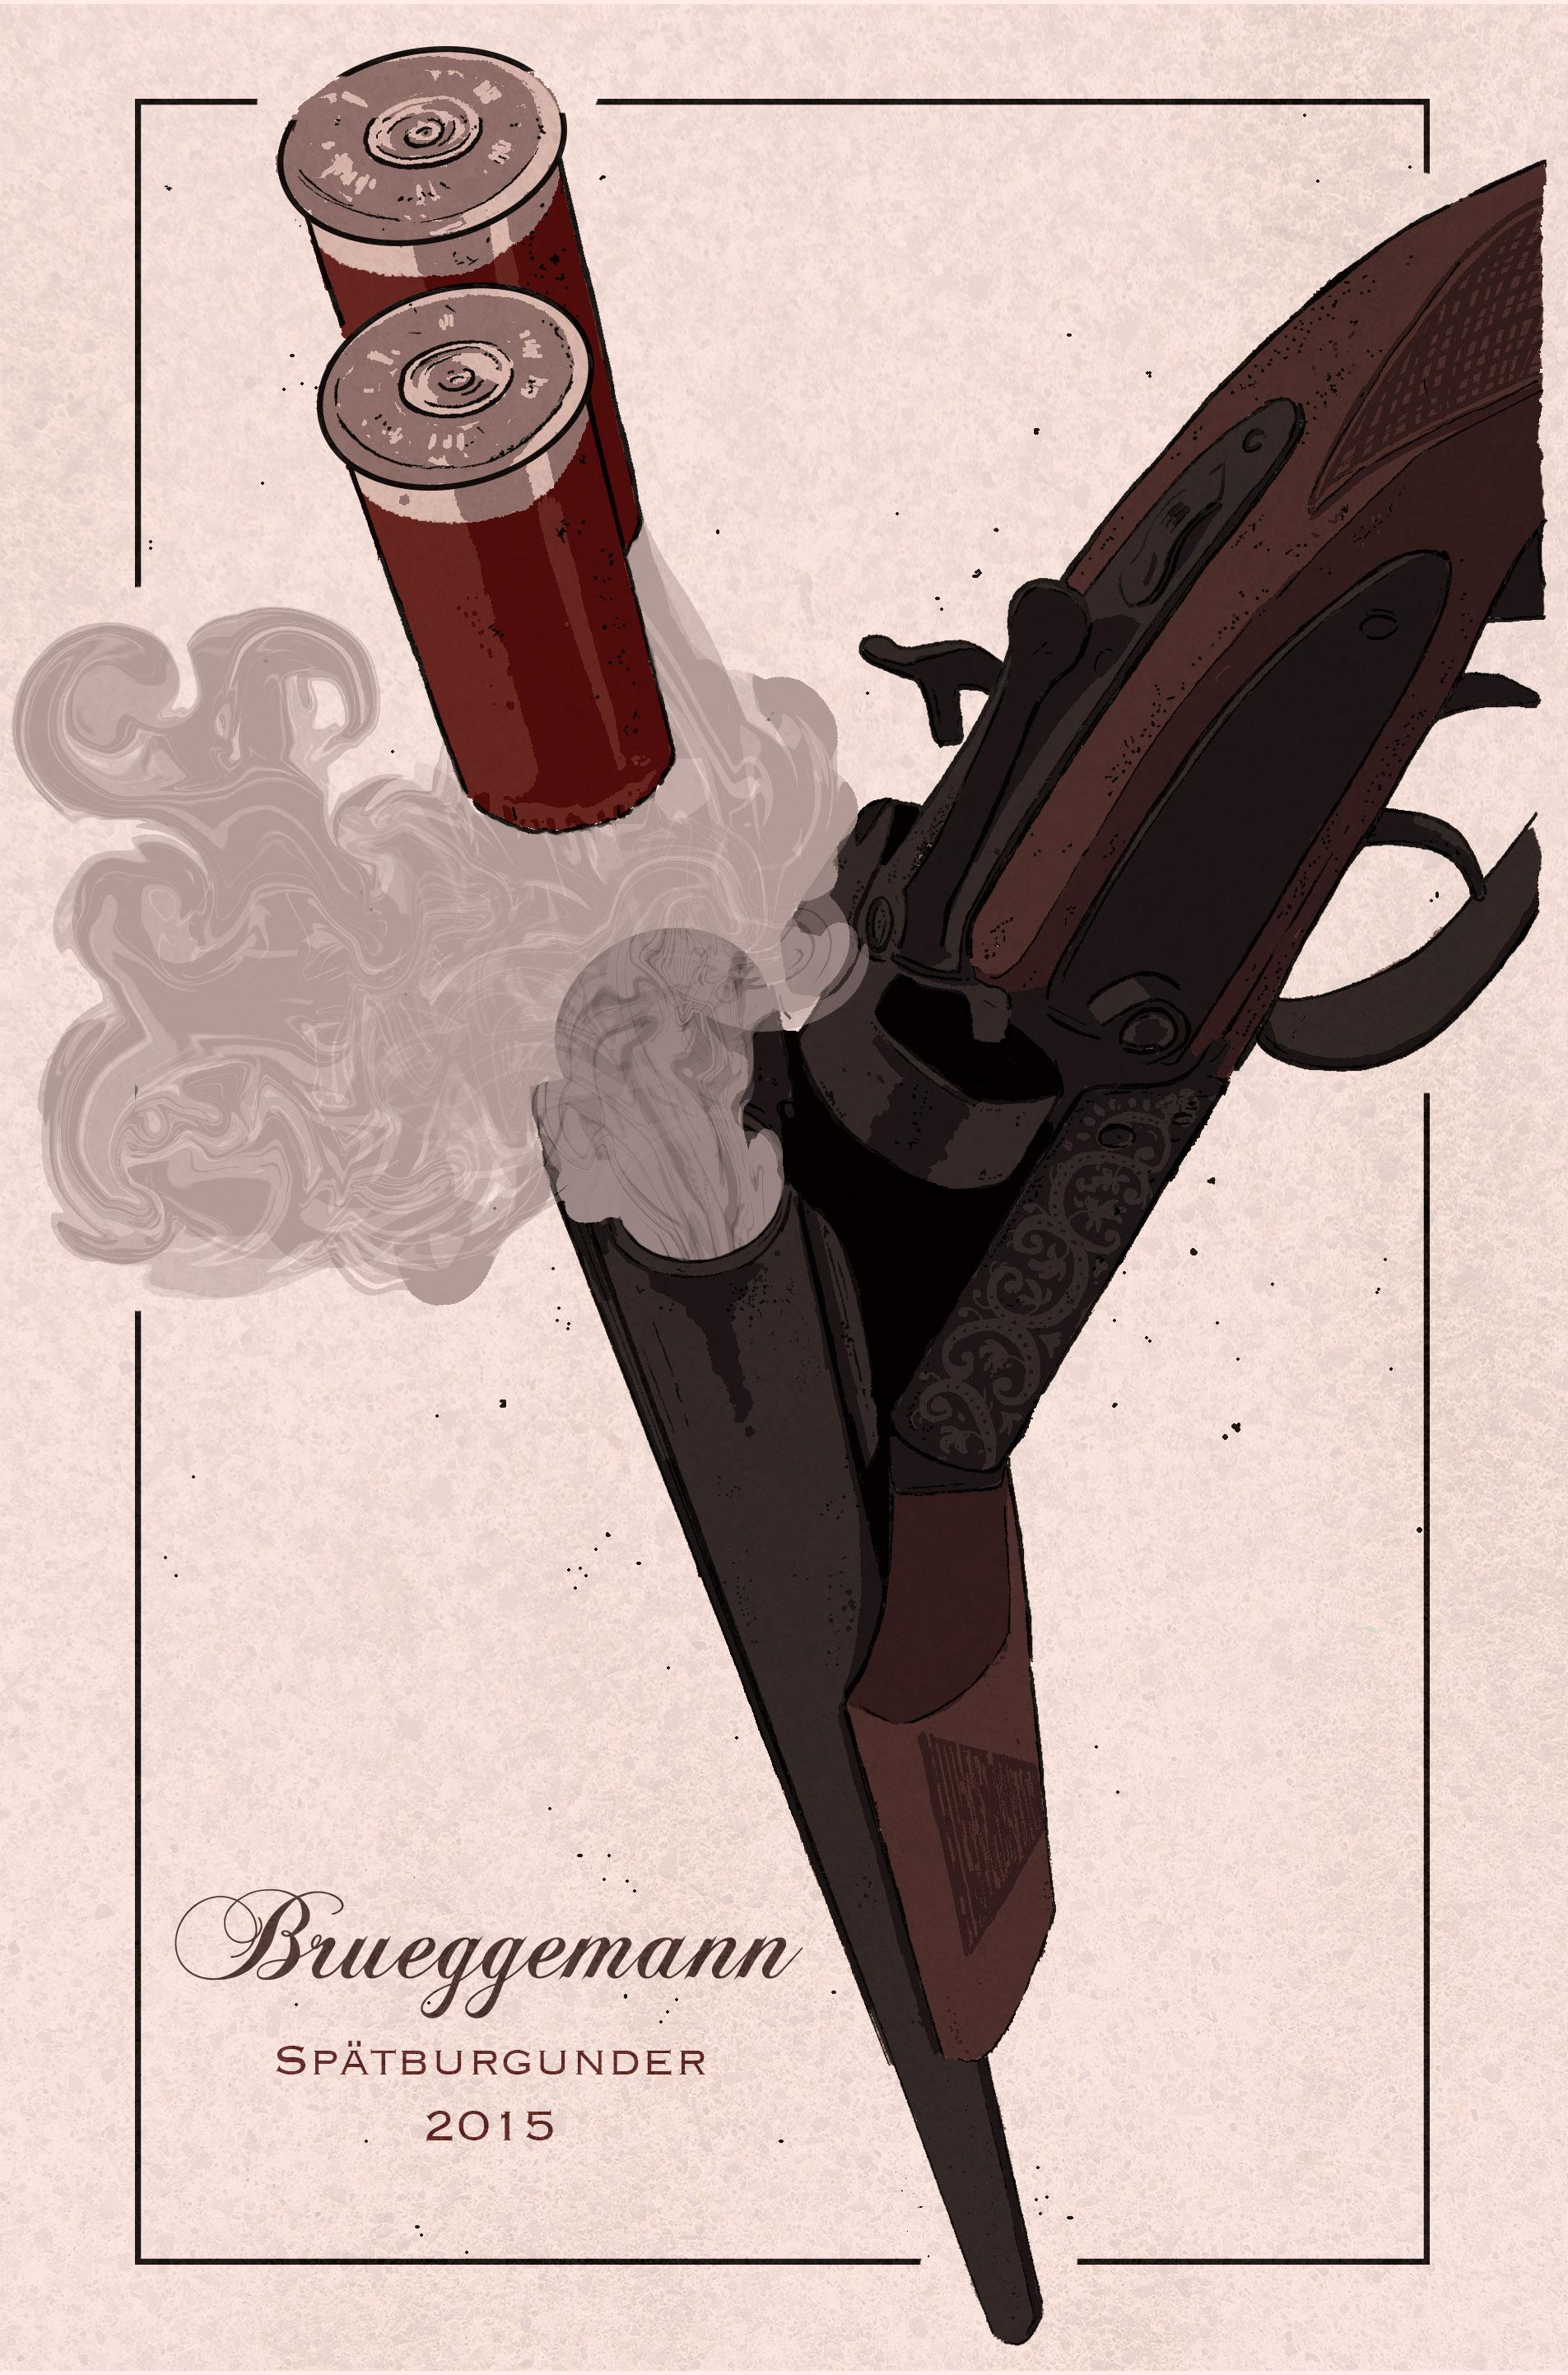 Brueggemann